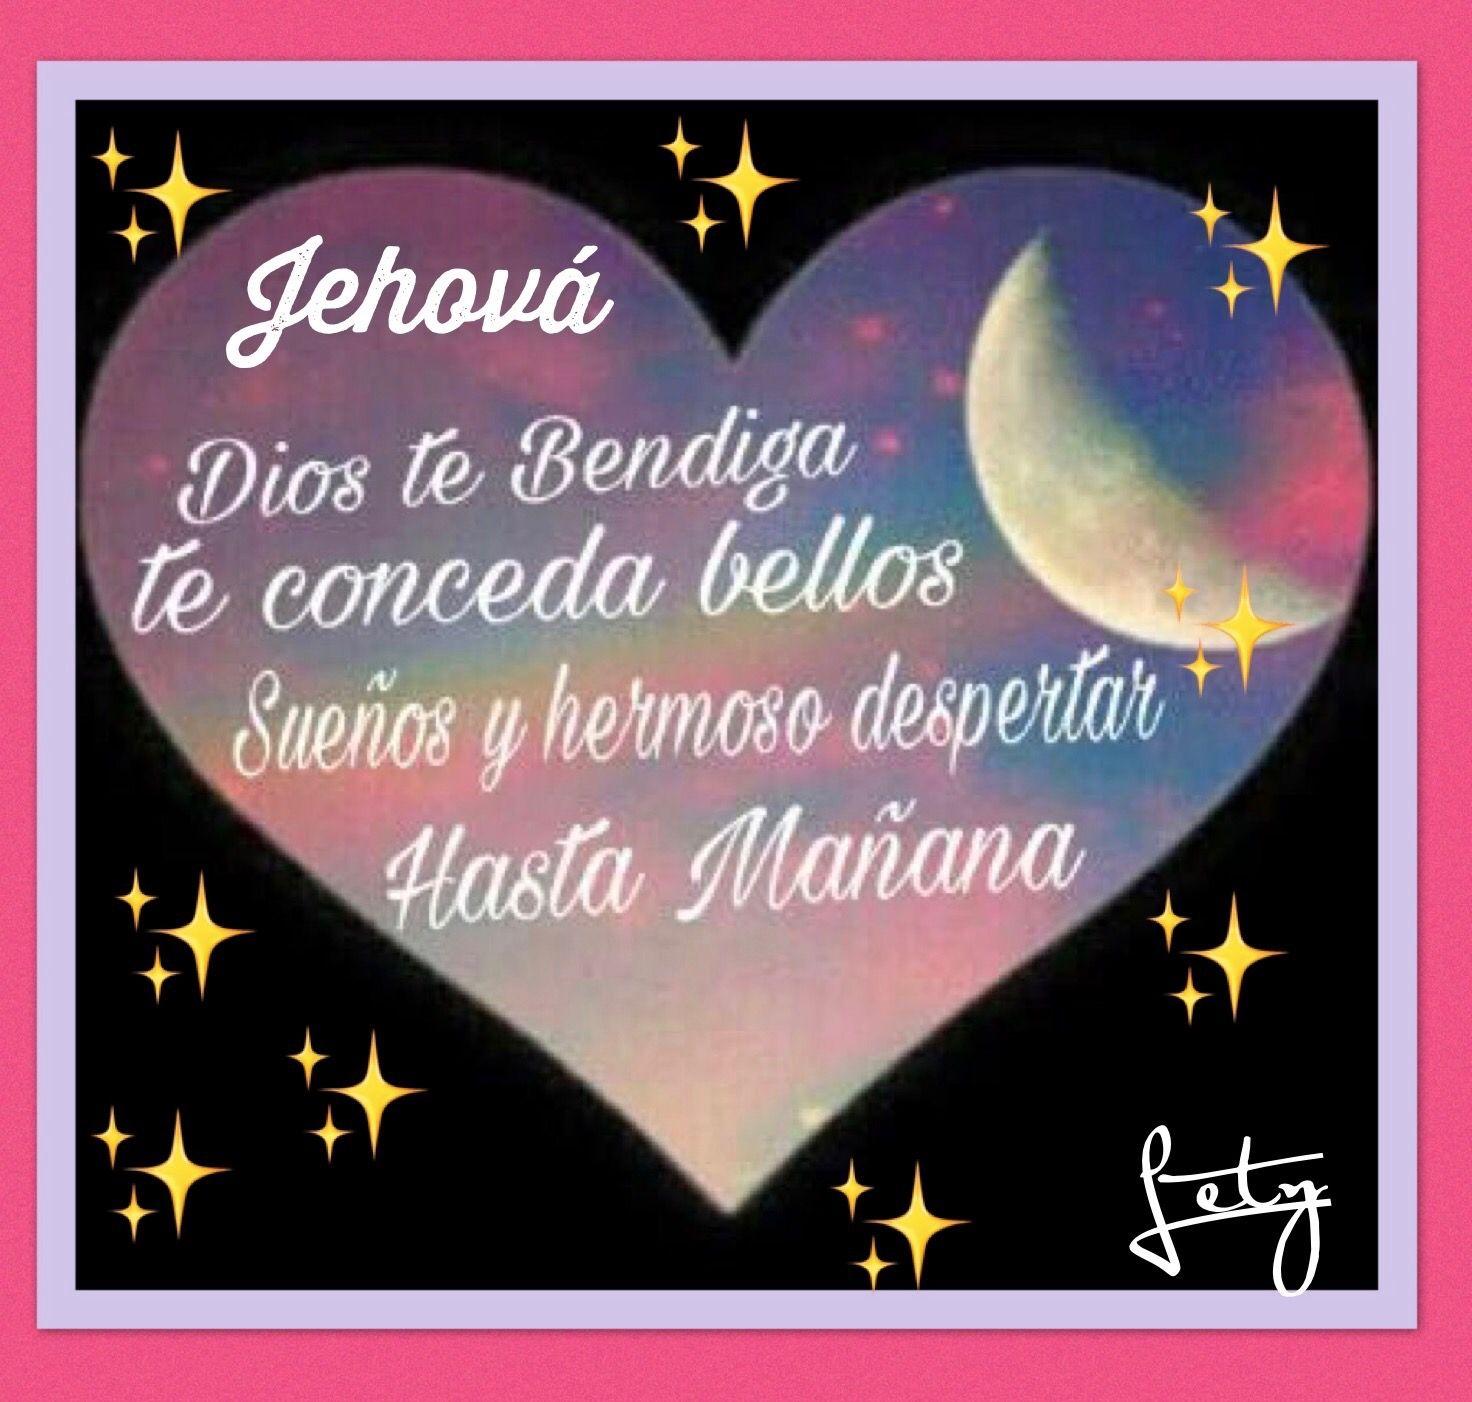 Jehova Buenas Noches Jehova Dios Buenas Noches Cristiana